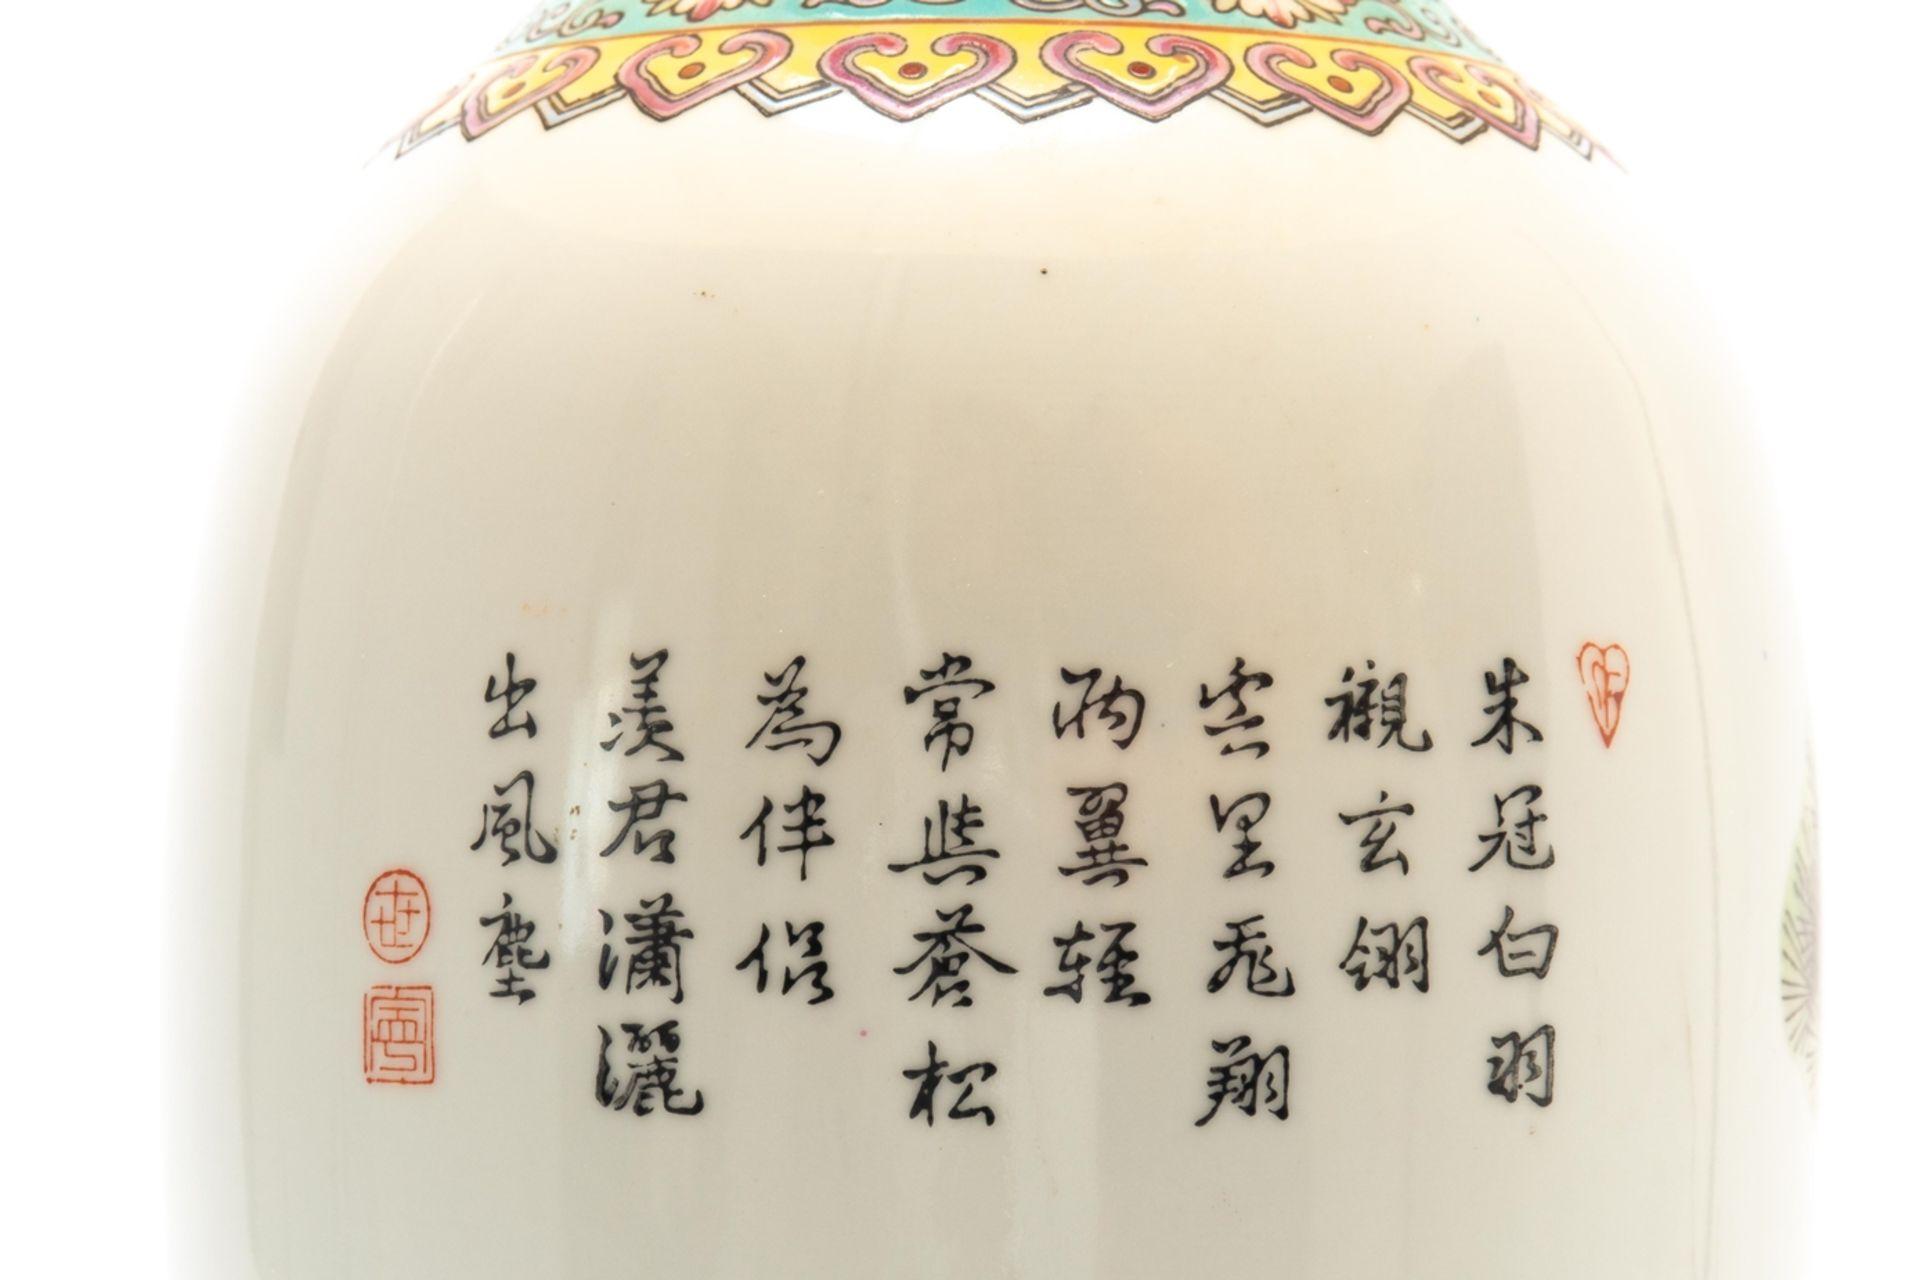 Porzellan-Lampe/Vase - Image 7 of 7